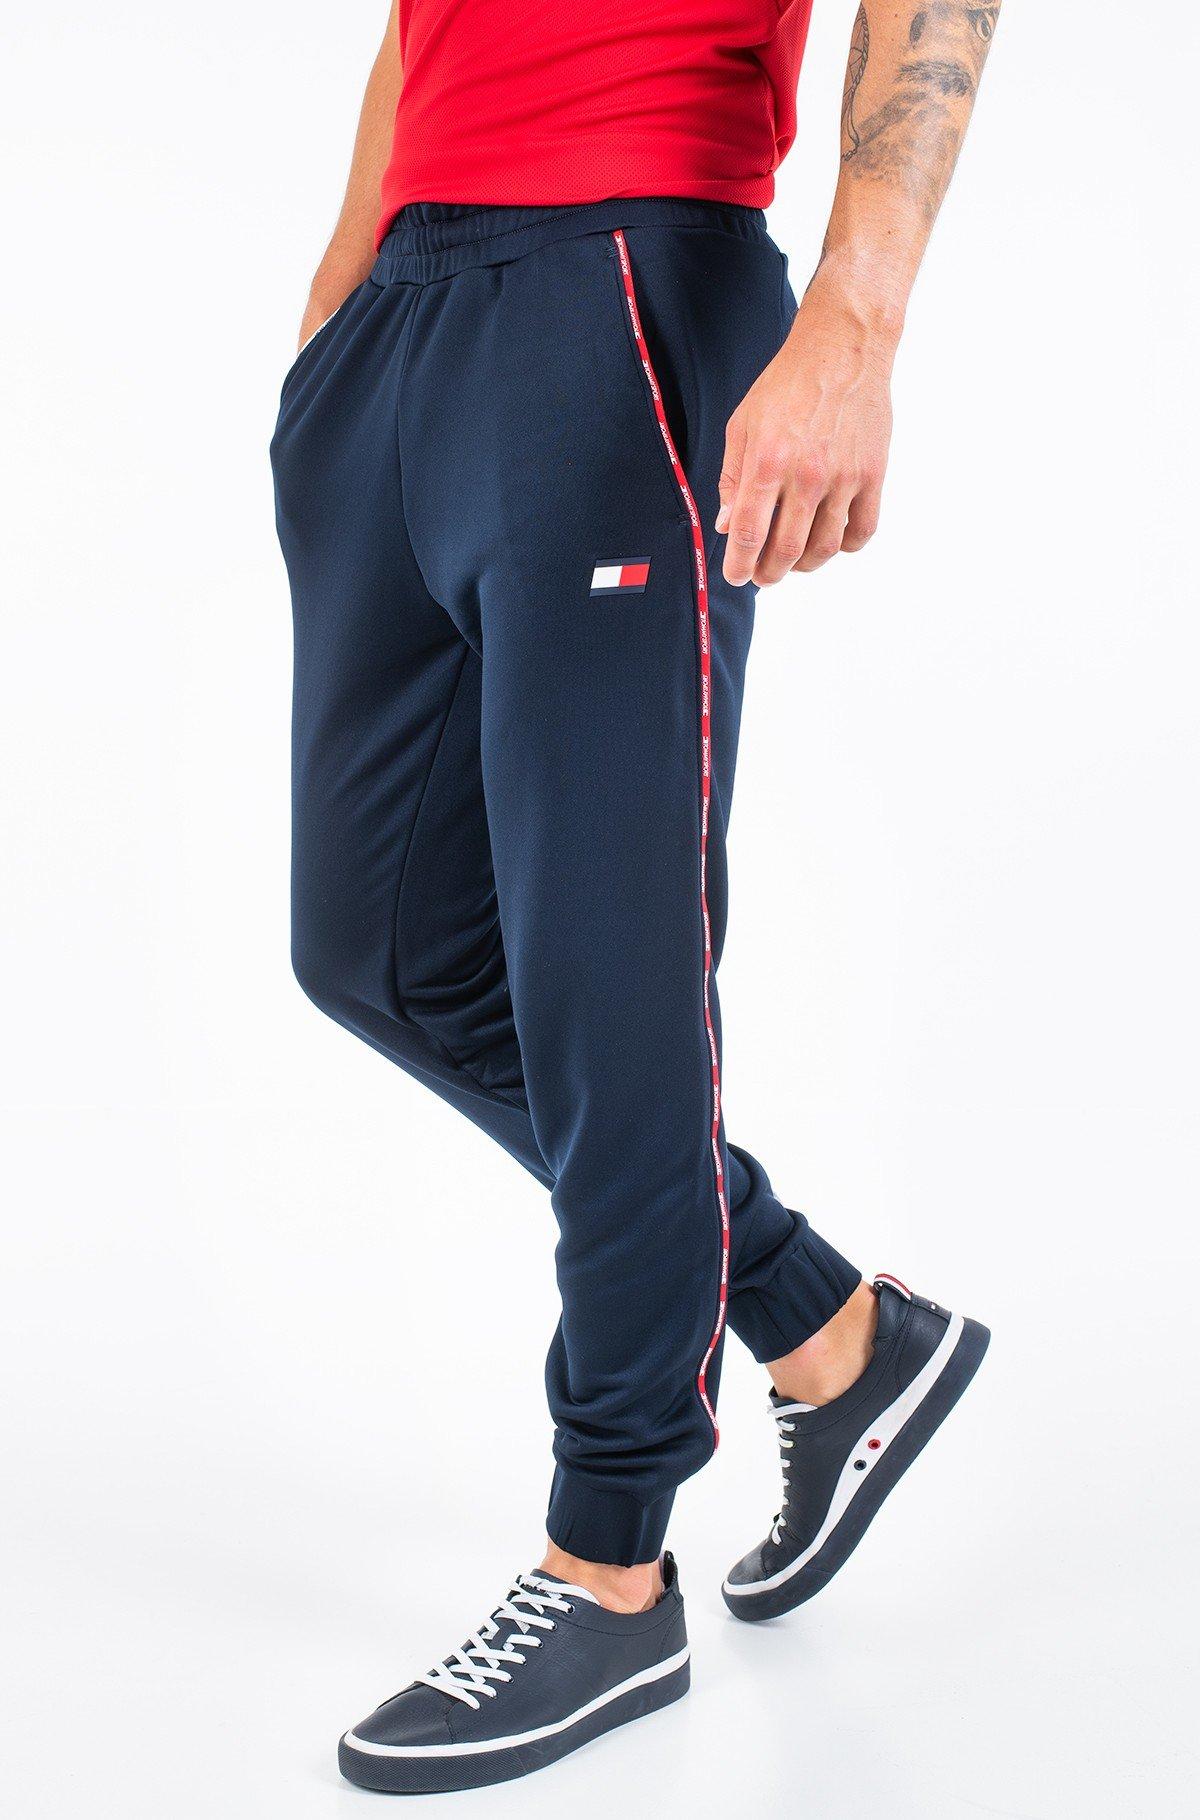 Sportinės kelnės PIPING TRACKSUIT CUFFED PANT-full-1